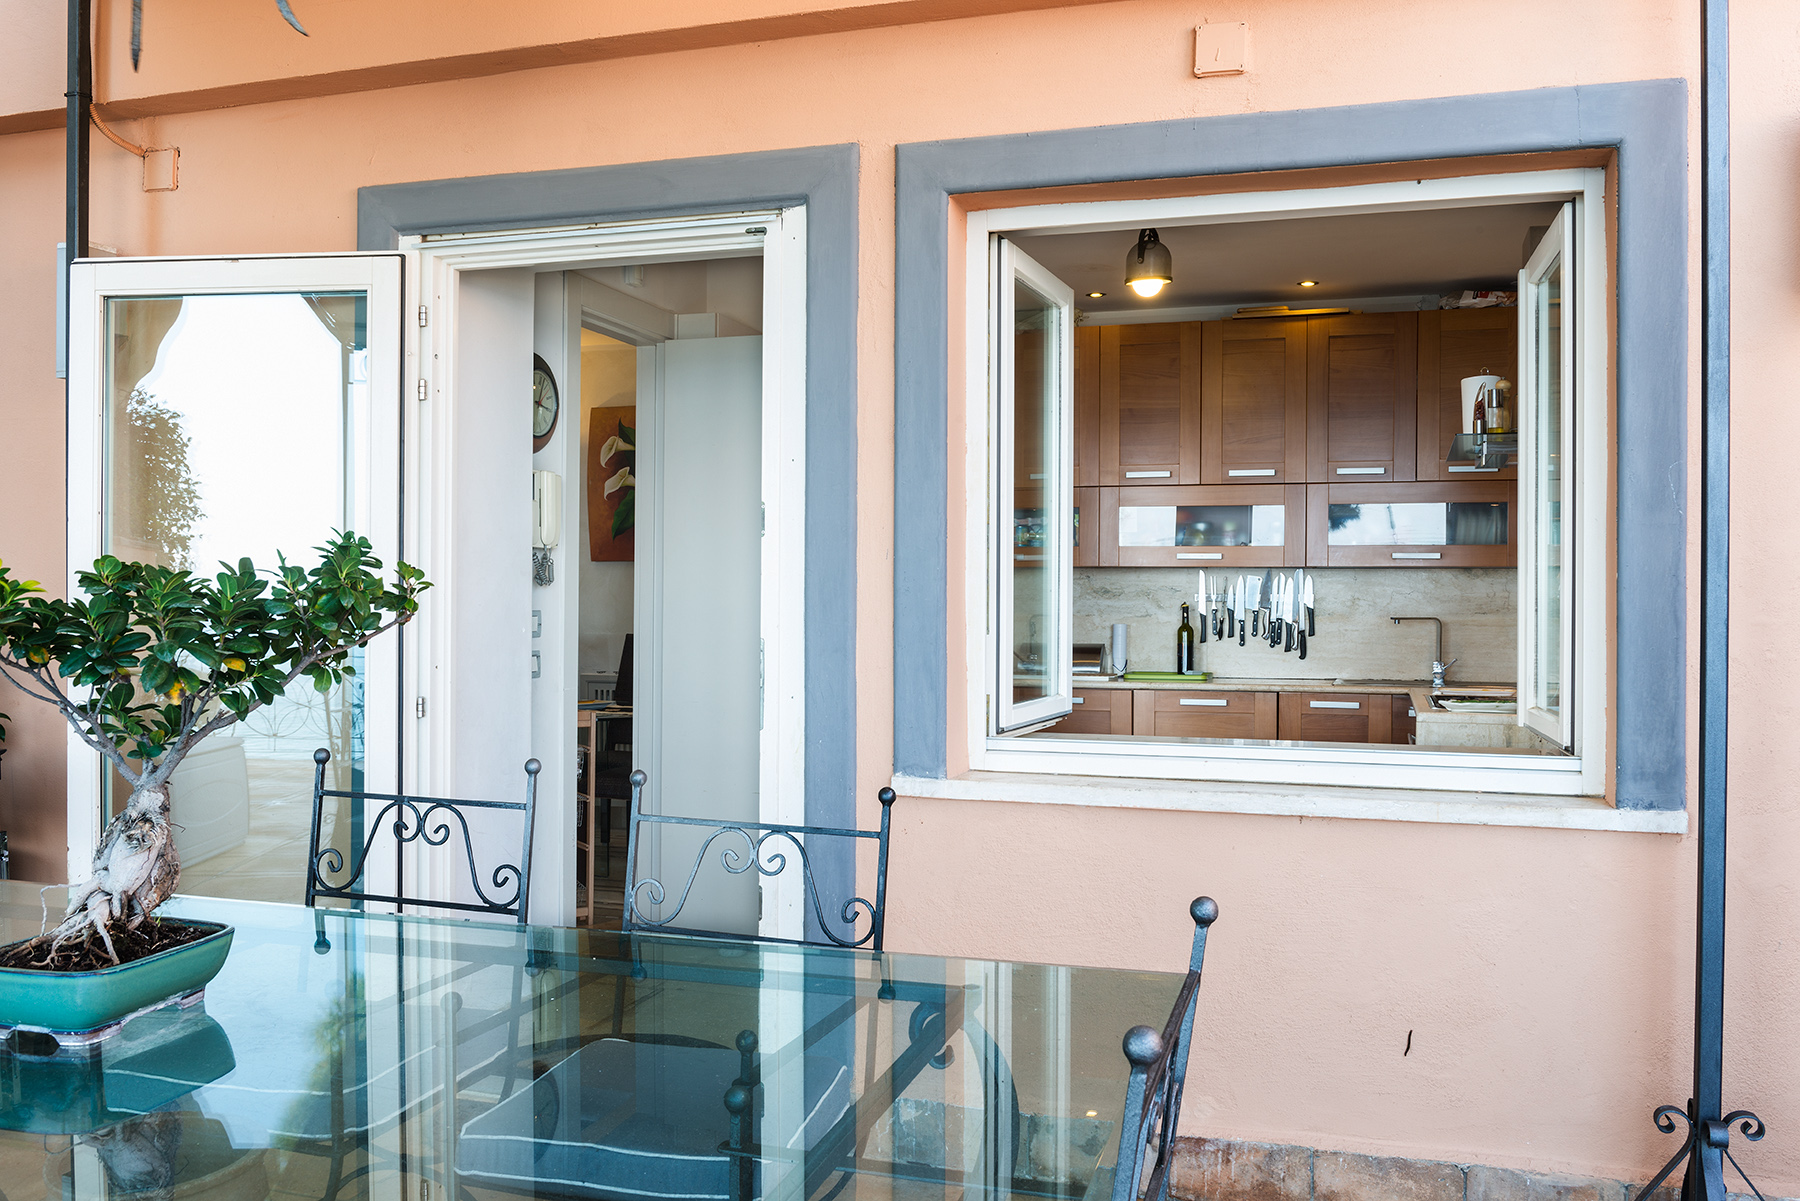 Villa in Vendita a Napoli: 5 locali, 220 mq - Foto 5